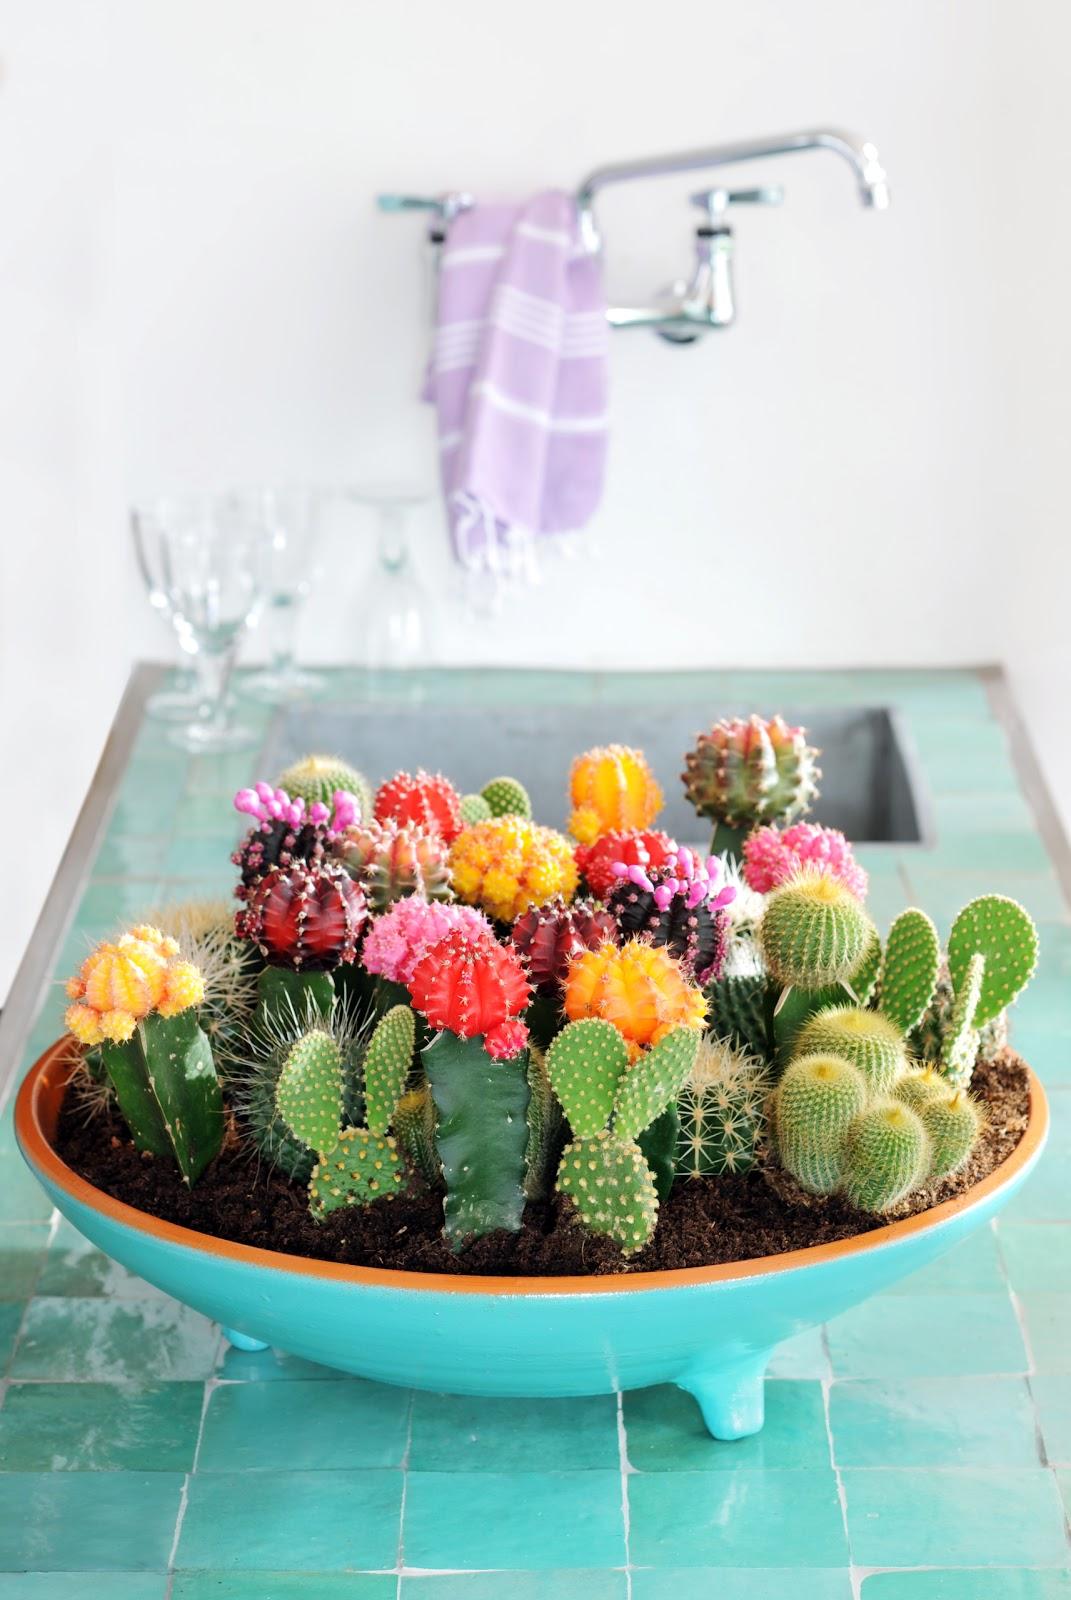 Плоский горшок с разными кактусами